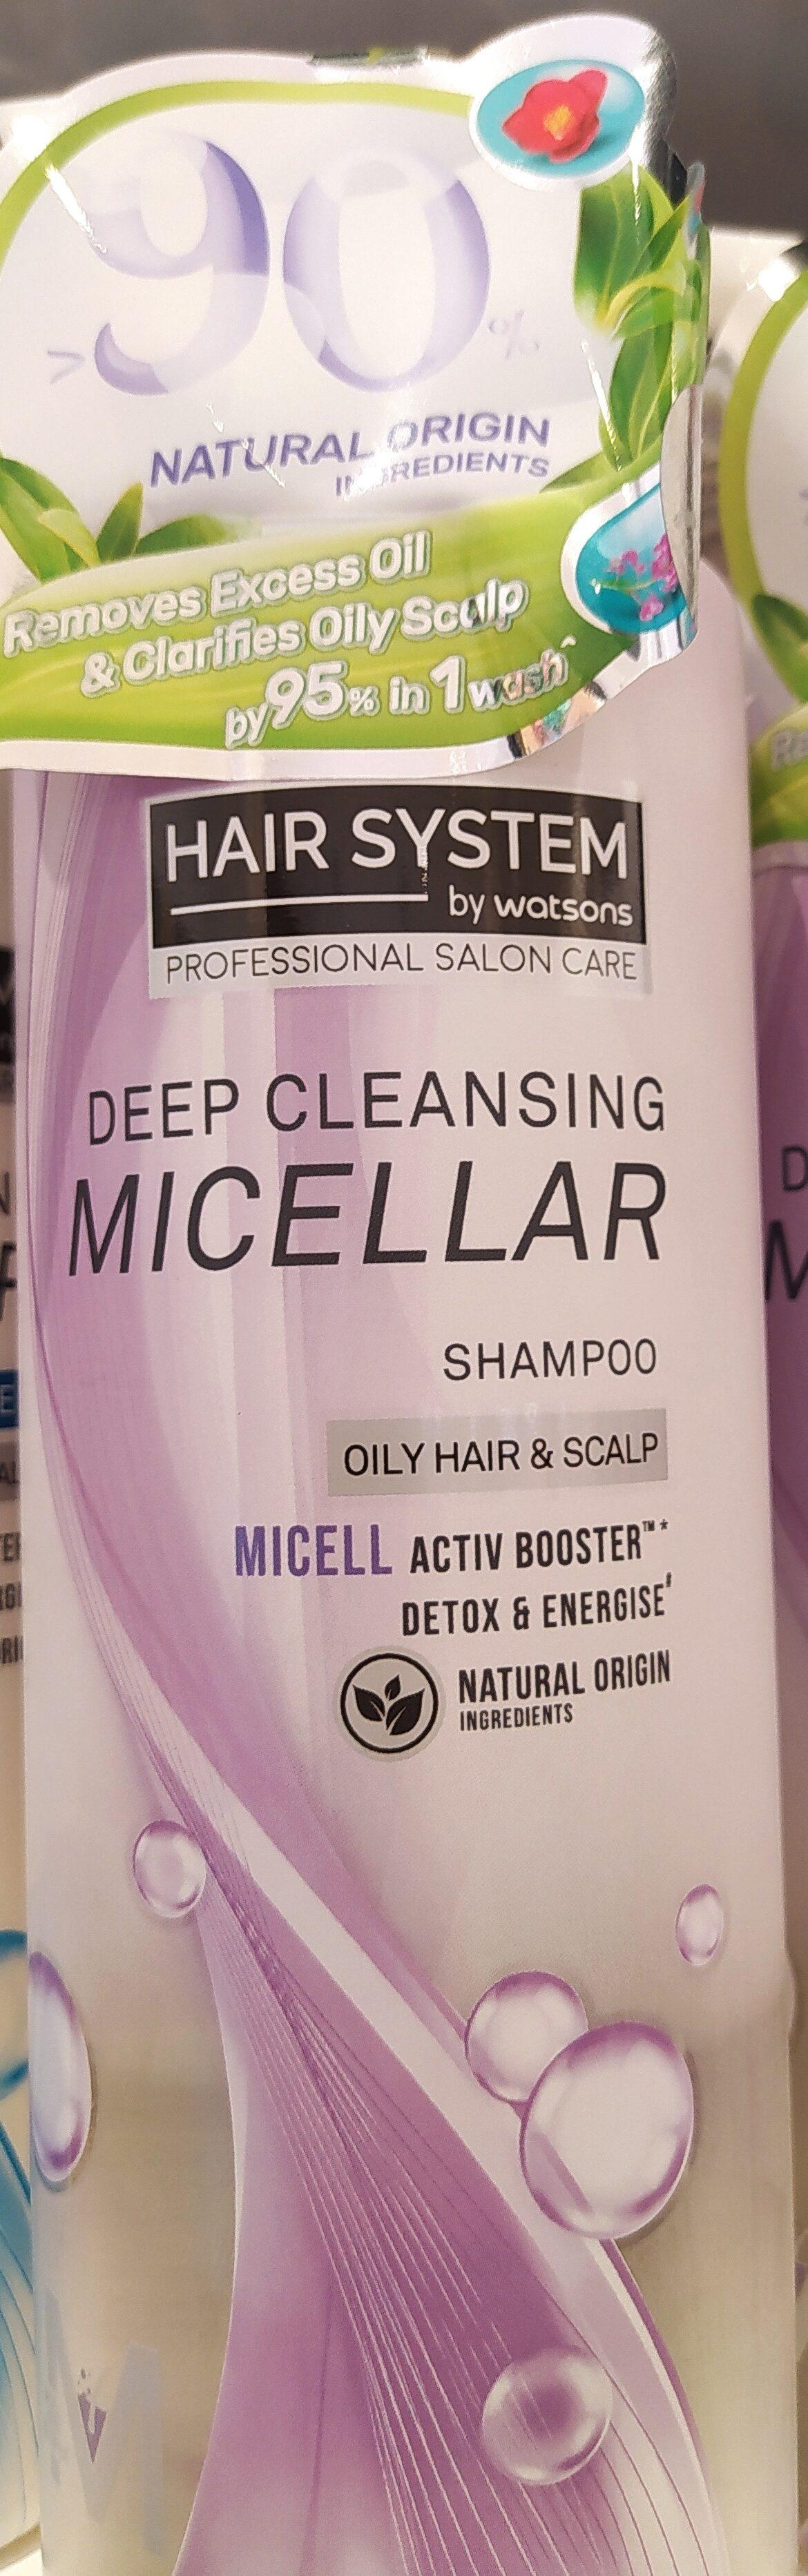 Micellar Botanical Deep Cleansing Shampoo - Produit - en